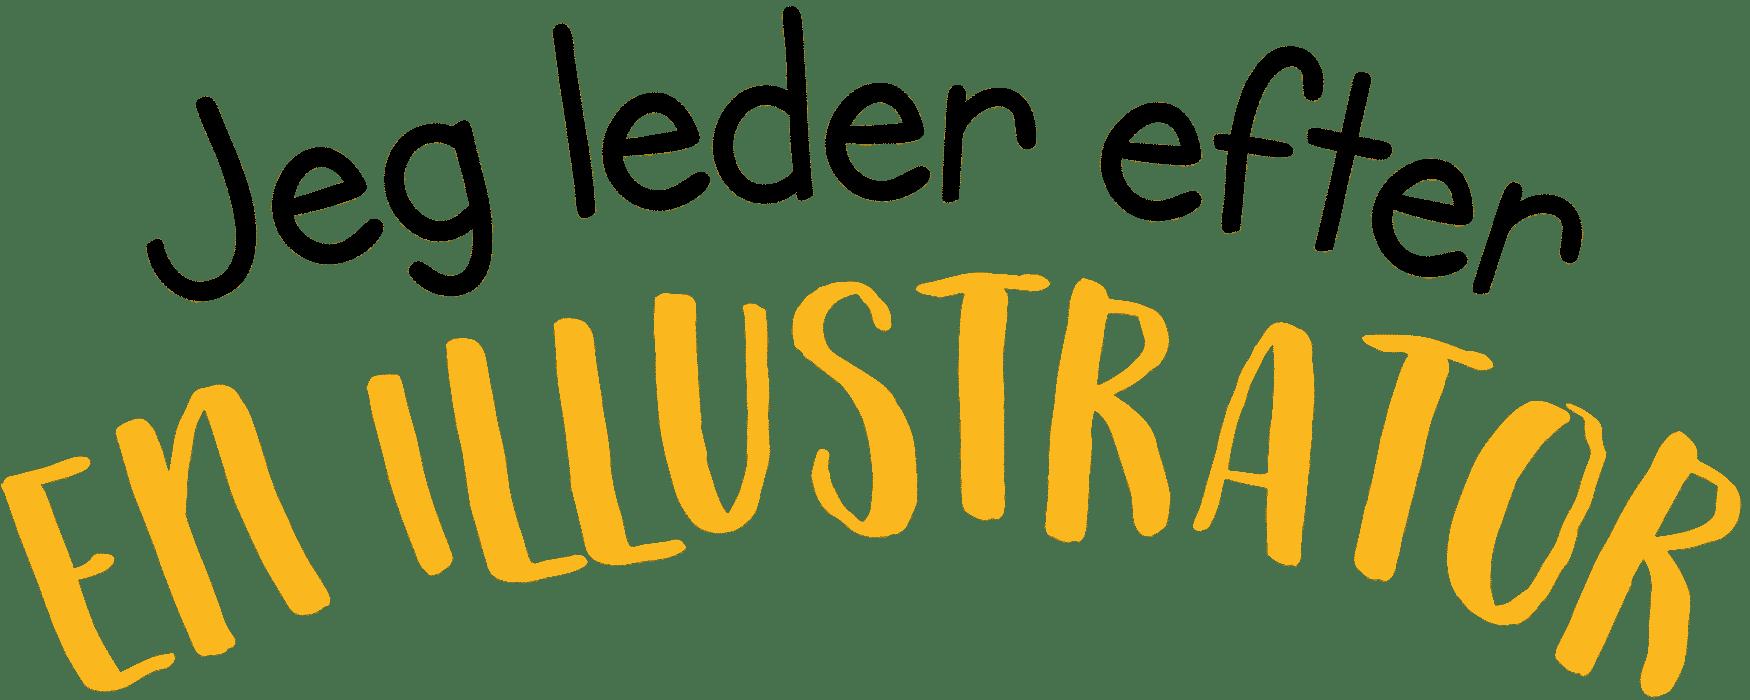 Jeg leder efter en illustrator - Valdefar